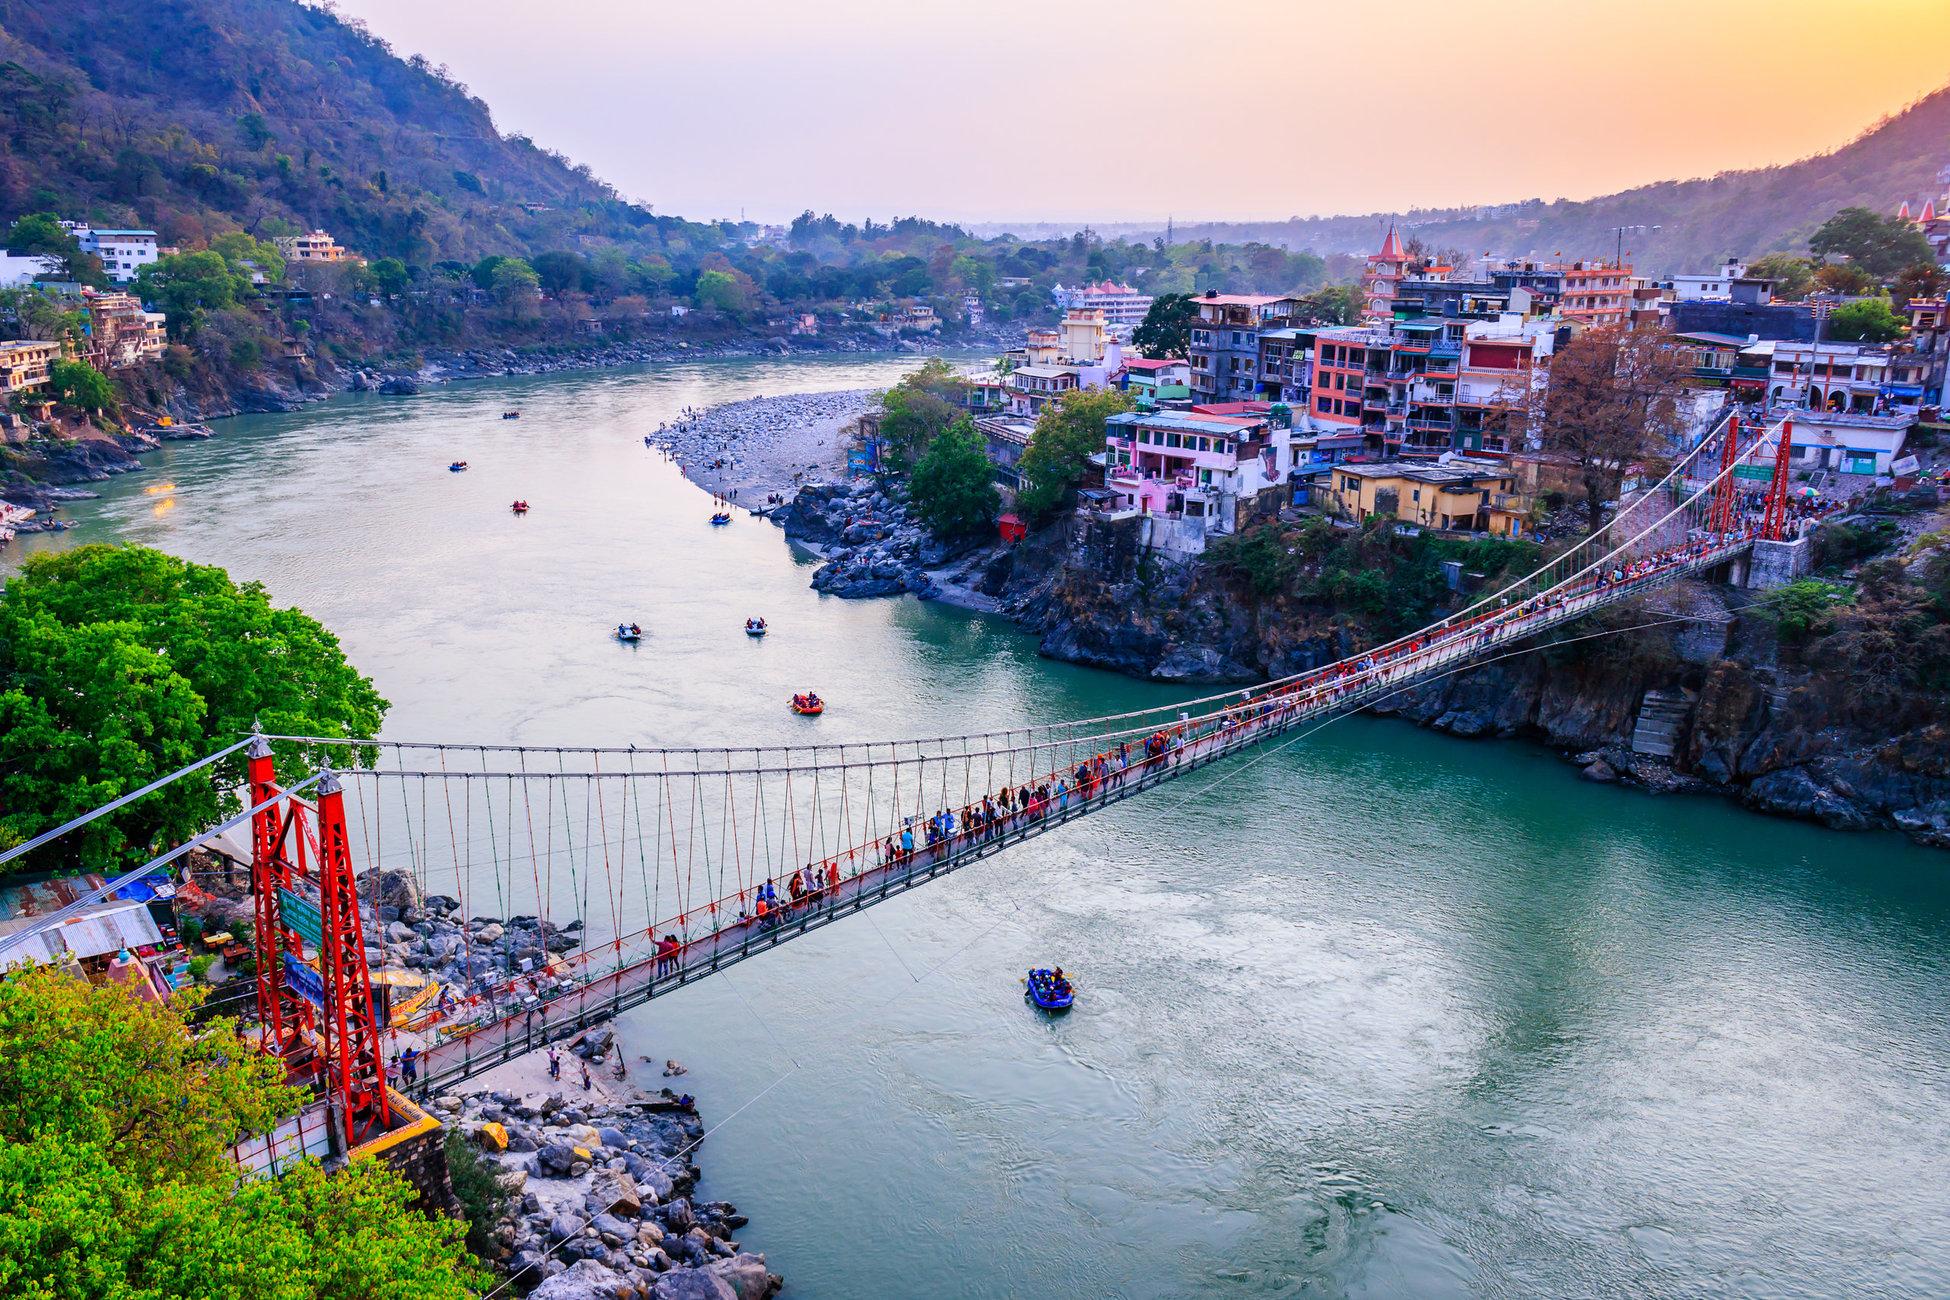 Rishikesh: Spiritual Gateway to the Garhwal Himalayas